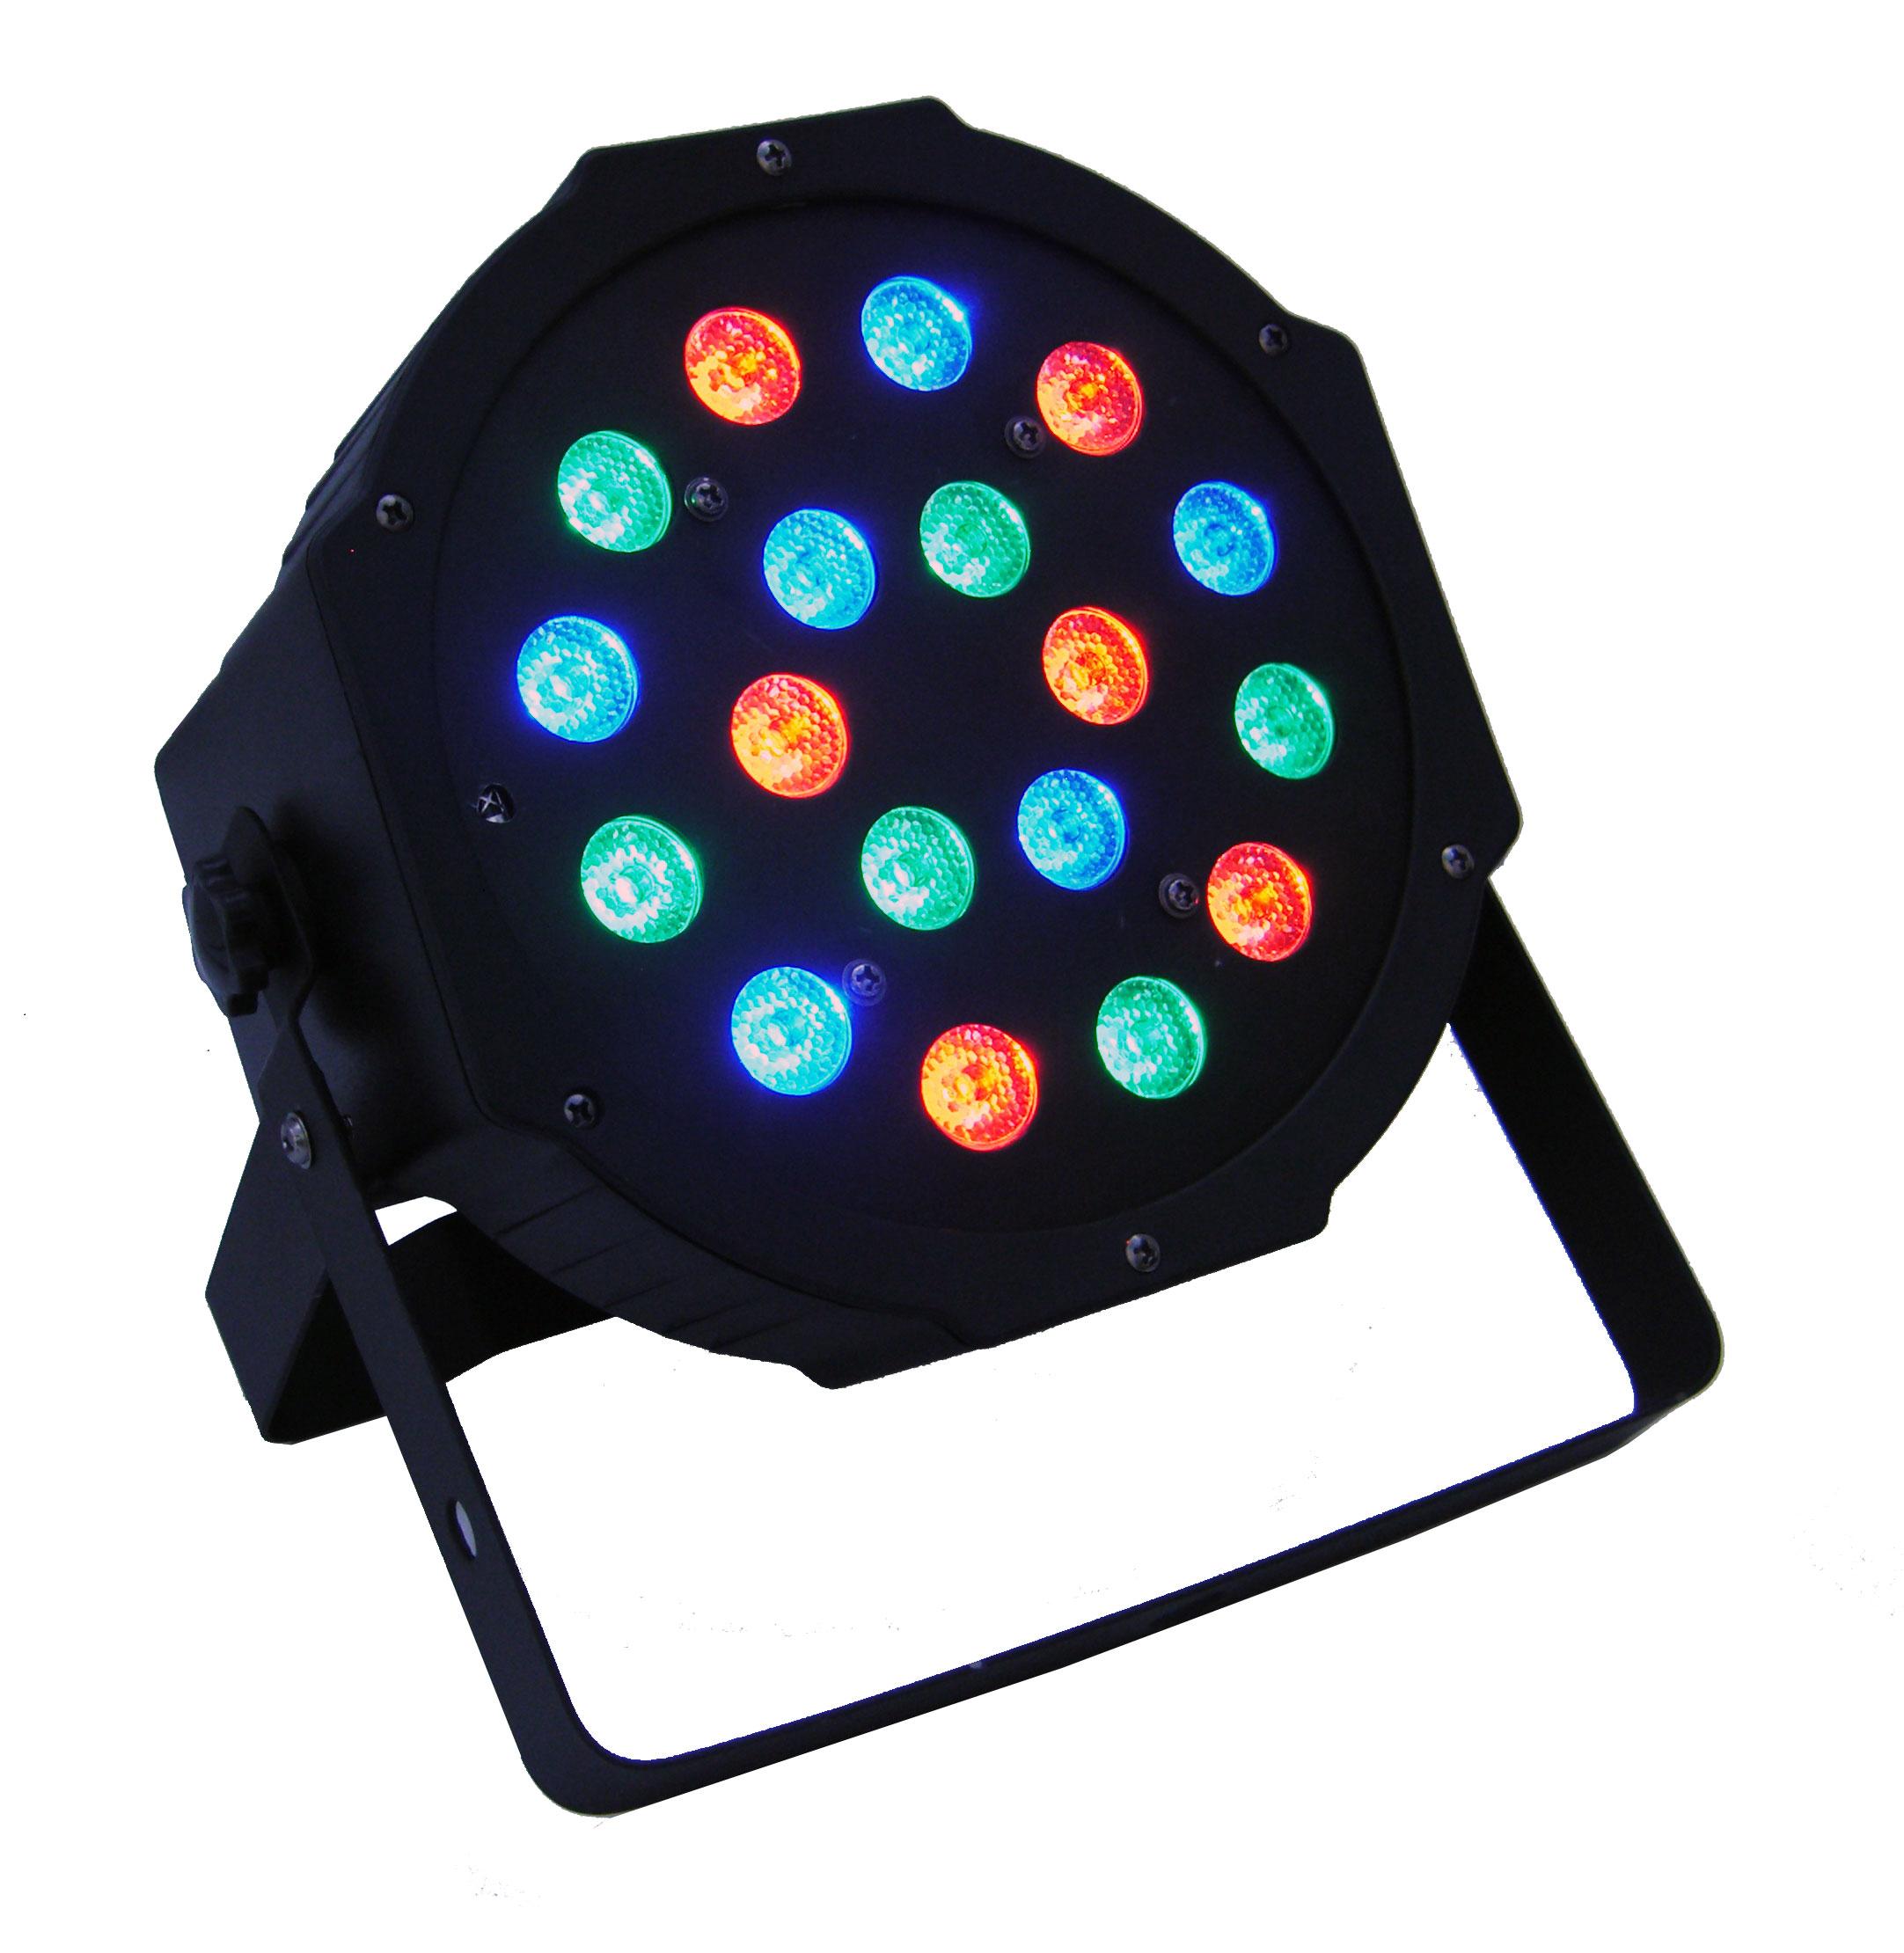 [Sprzedam] Zestaw 4 x PAR LED18x3 FLASH, Statyw, Torba